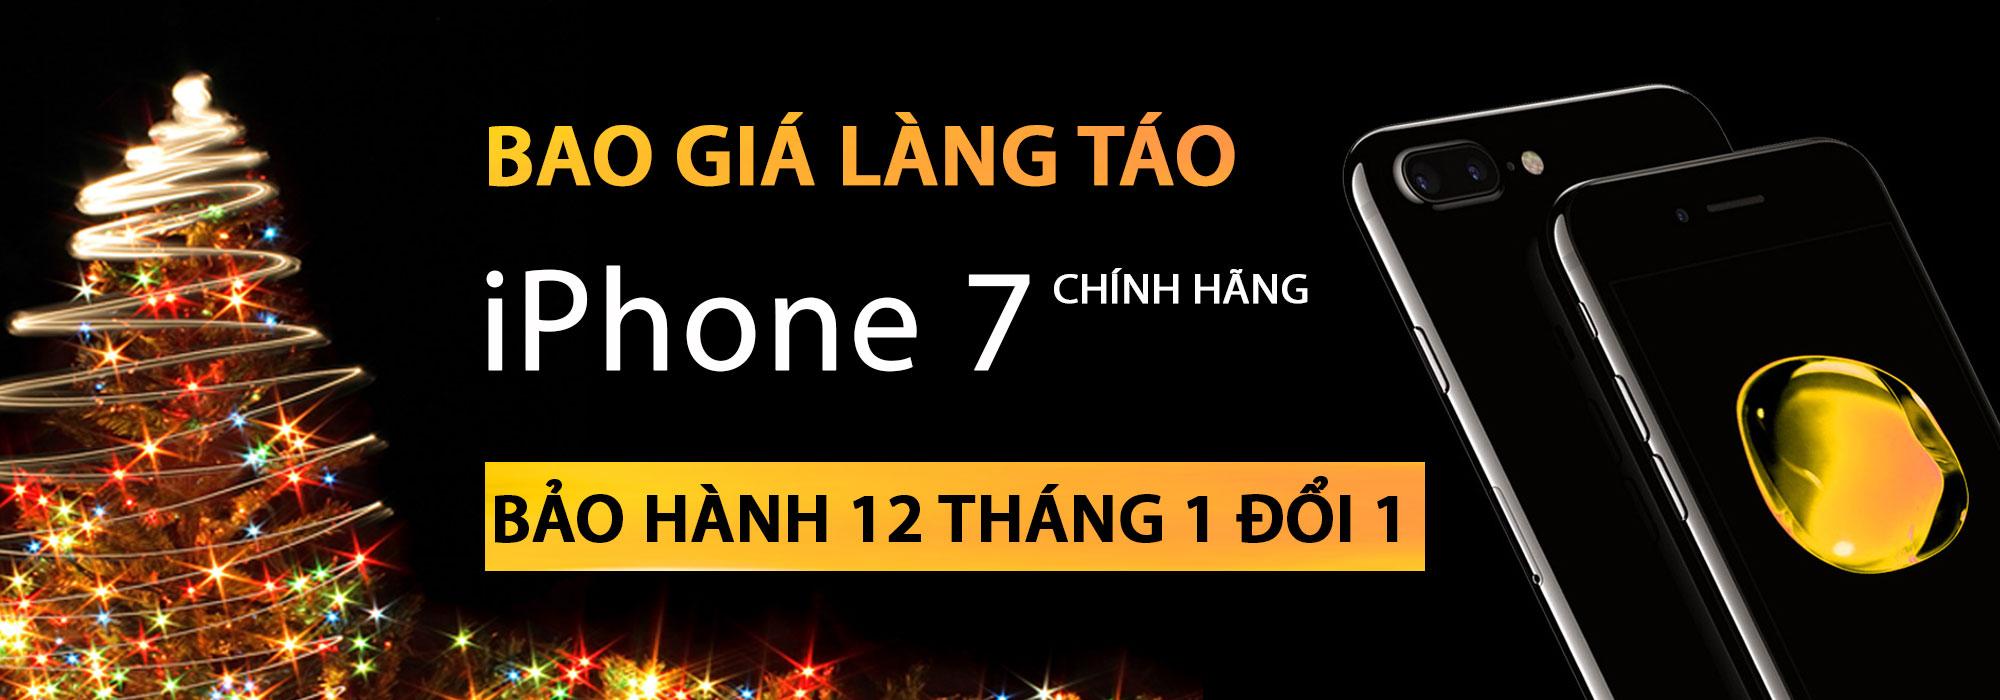 Sforum - Trang thông tin công nghệ mới nhất 31237560681_9cafb35502_o iPhone 7, 7 Plus chính hãng bao giá cuối năm tại CellphoneS